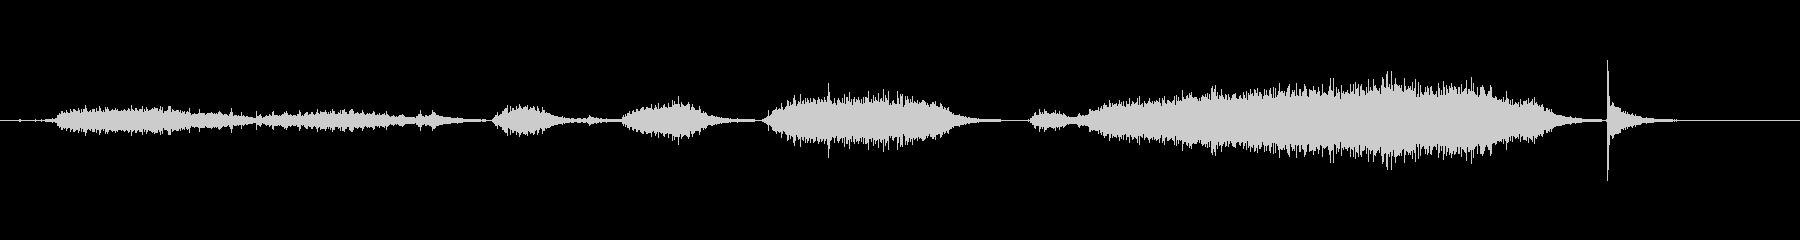 ミシン、モダン、大部屋、ツール; ...の未再生の波形